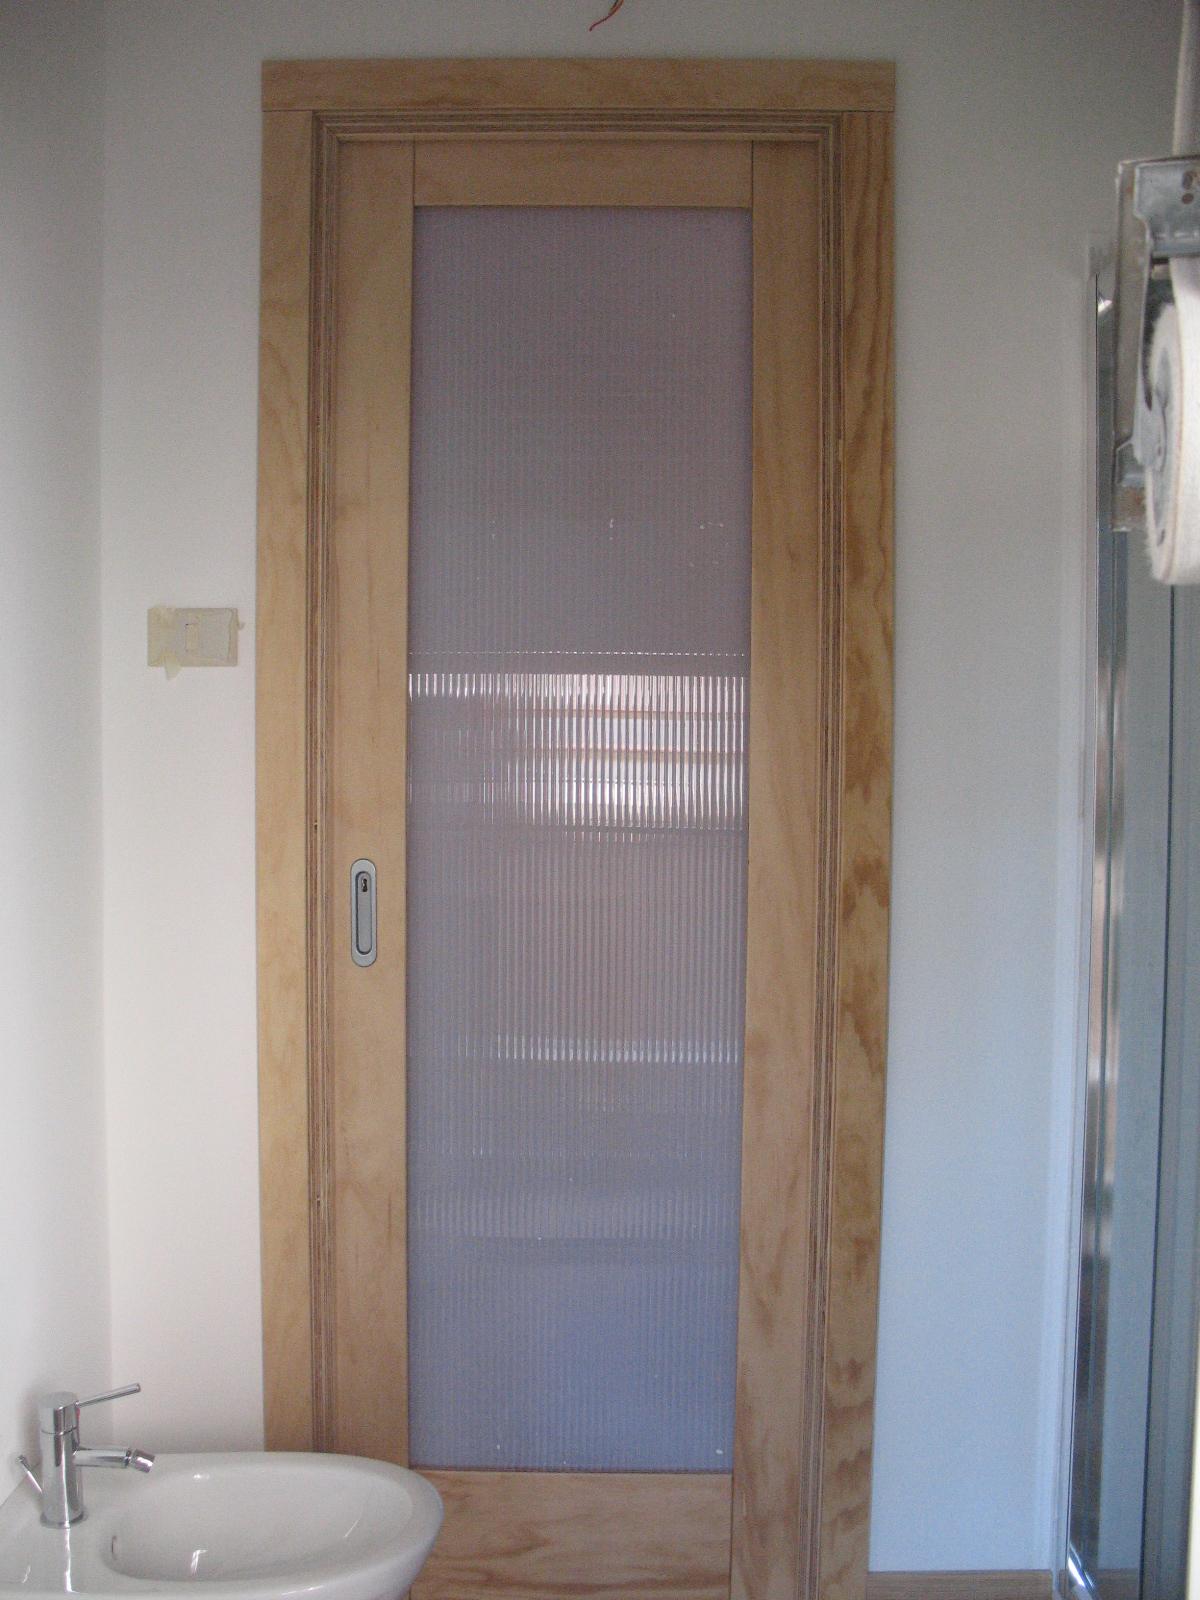 Porta scorrevole in fenolico falegnameria frad falegname a palermo - Porte a palermo ...